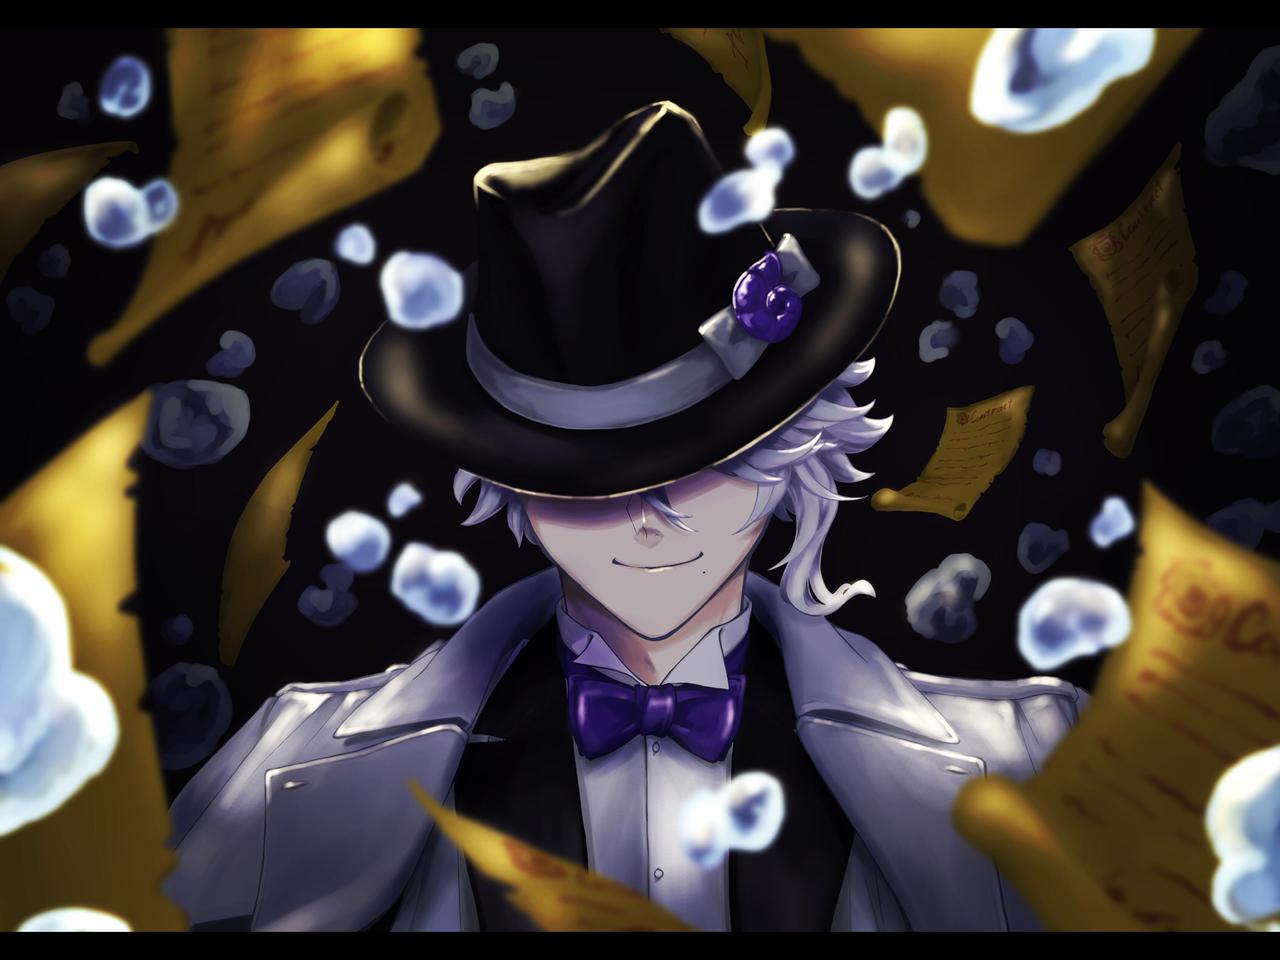 コレクション Illust of マッキー AzulAshengrotto fanfic Twisted-Wonderland